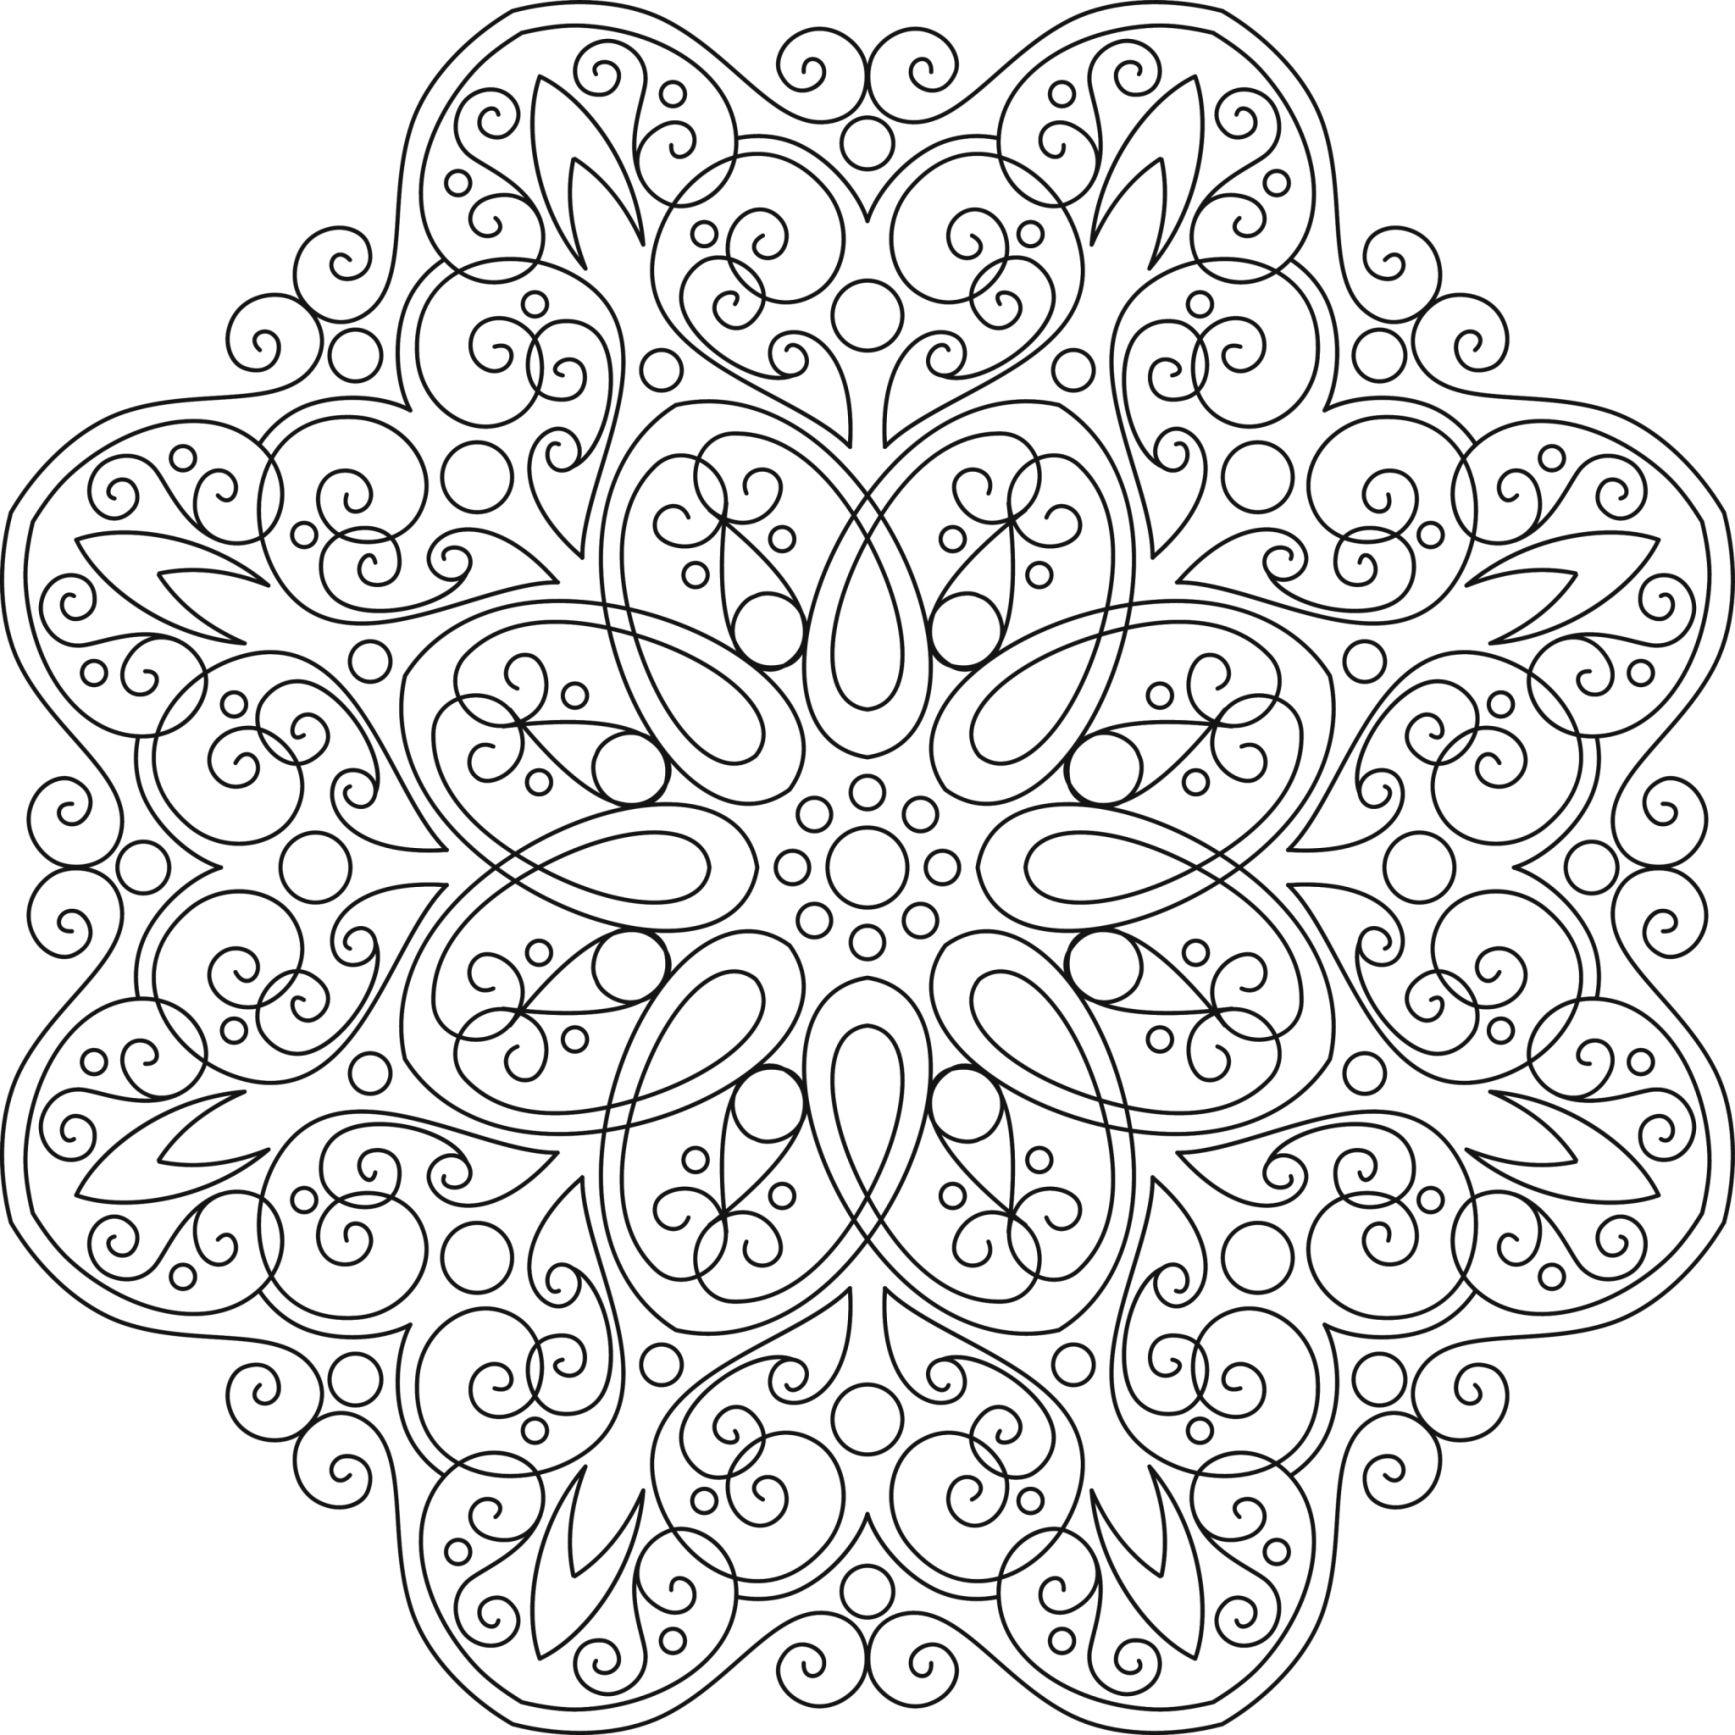 imagenes-para-colorear-para-adultos-dibujos.jpg (1735×1735 ...